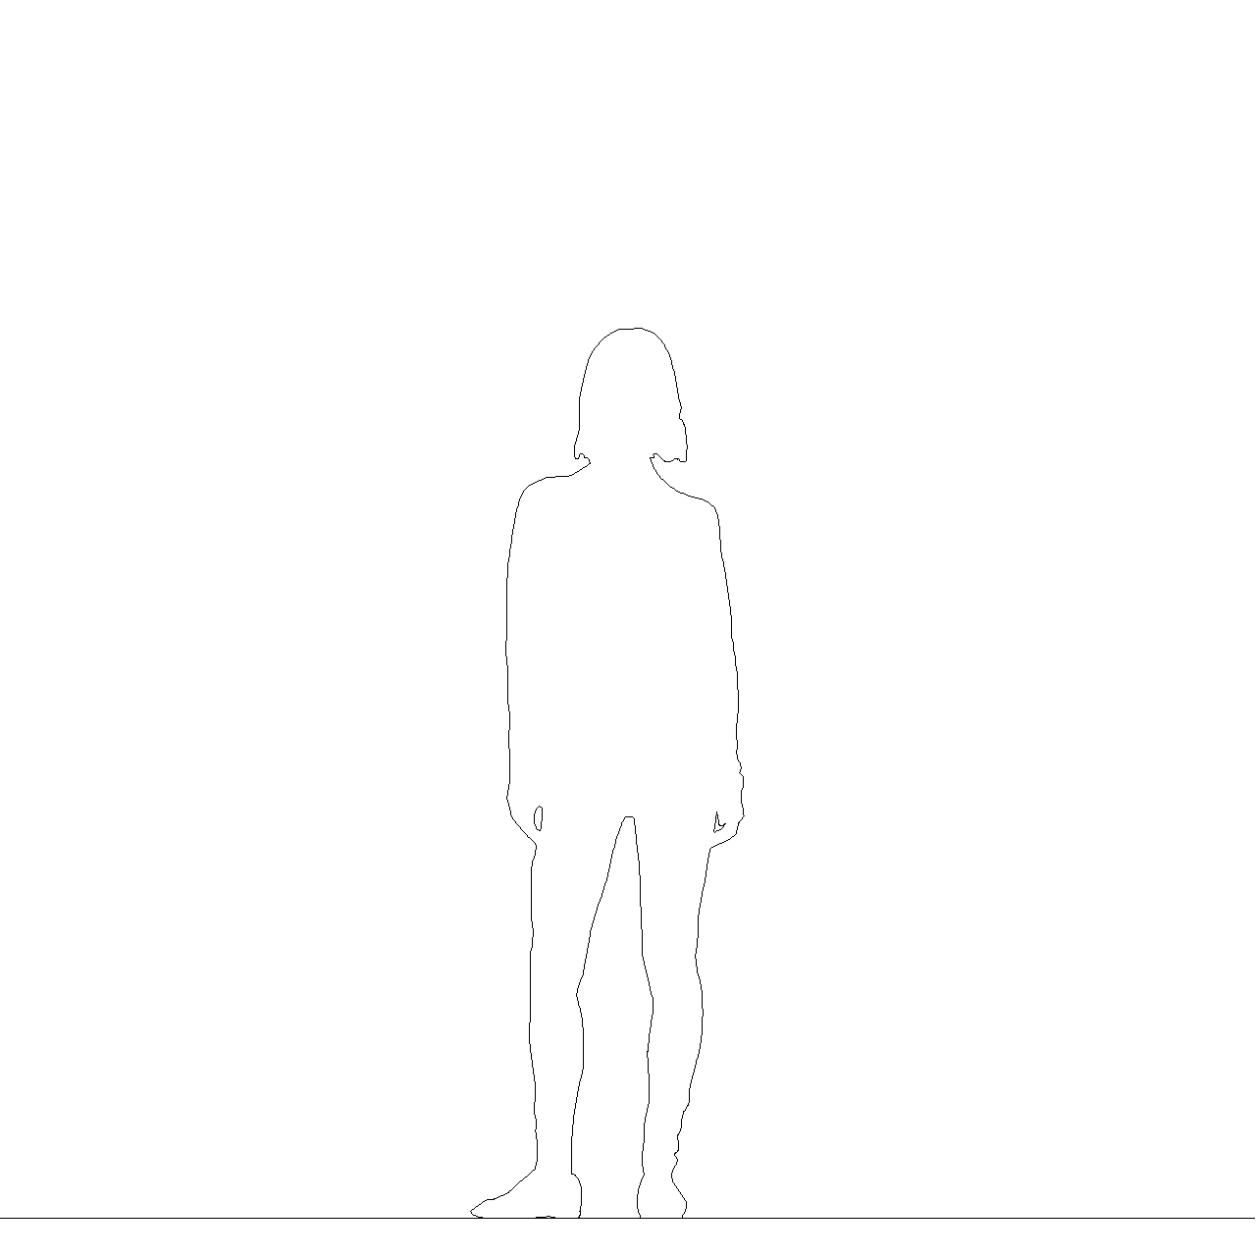 スキニーパンツにロングセーターを着た女性の2DCAD部品丨シルエット 人間 女性丨無料 商用可能 フリー素材 フリーデータ丨データ形式はAUTOCAD DWG・DXFファイルです